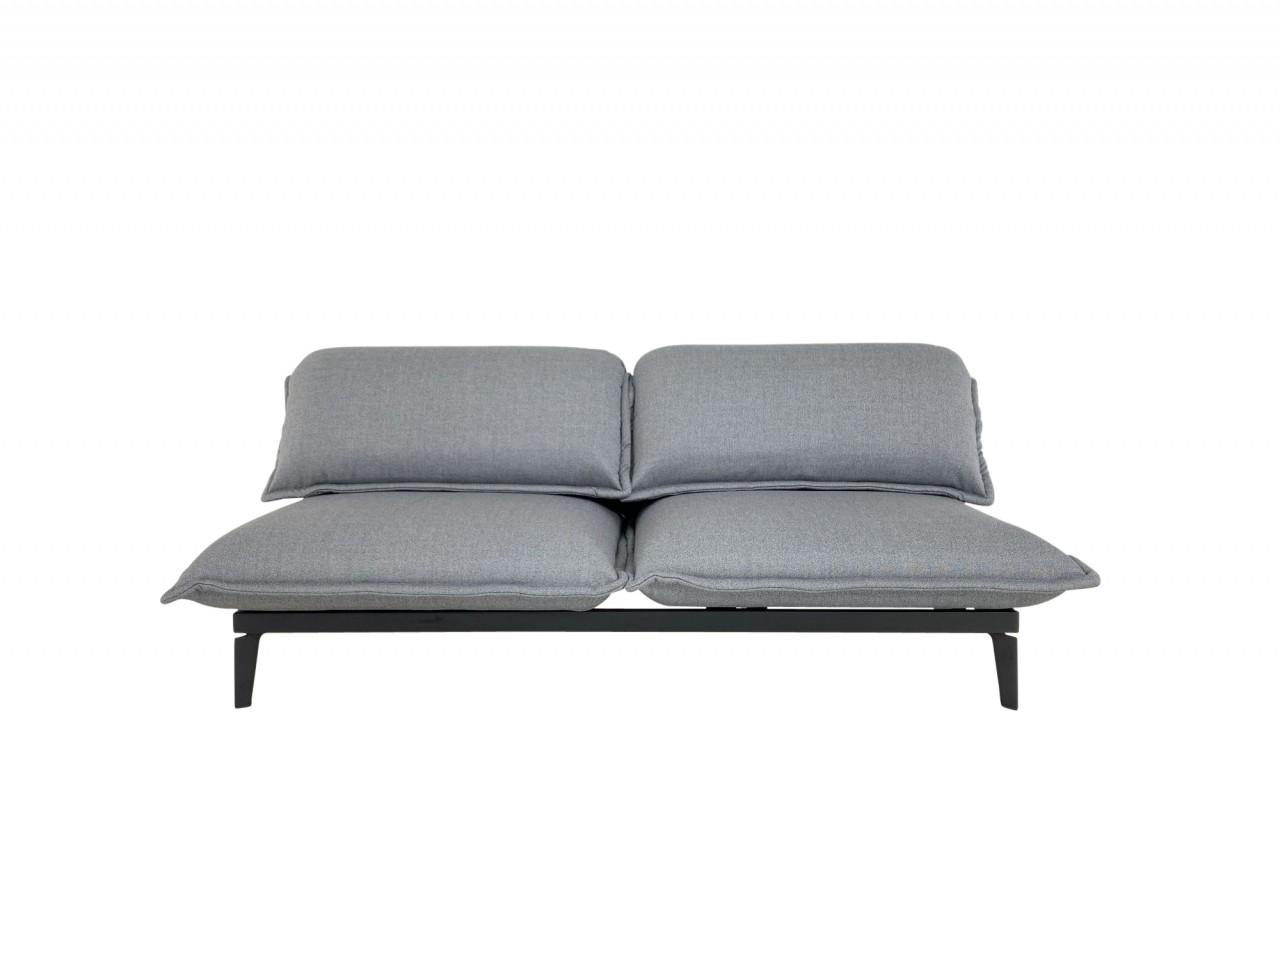 ROLF BENZ NOVA Sofa - das Entspannungssofa im edlen, basaltgrauen Schurwollstoff